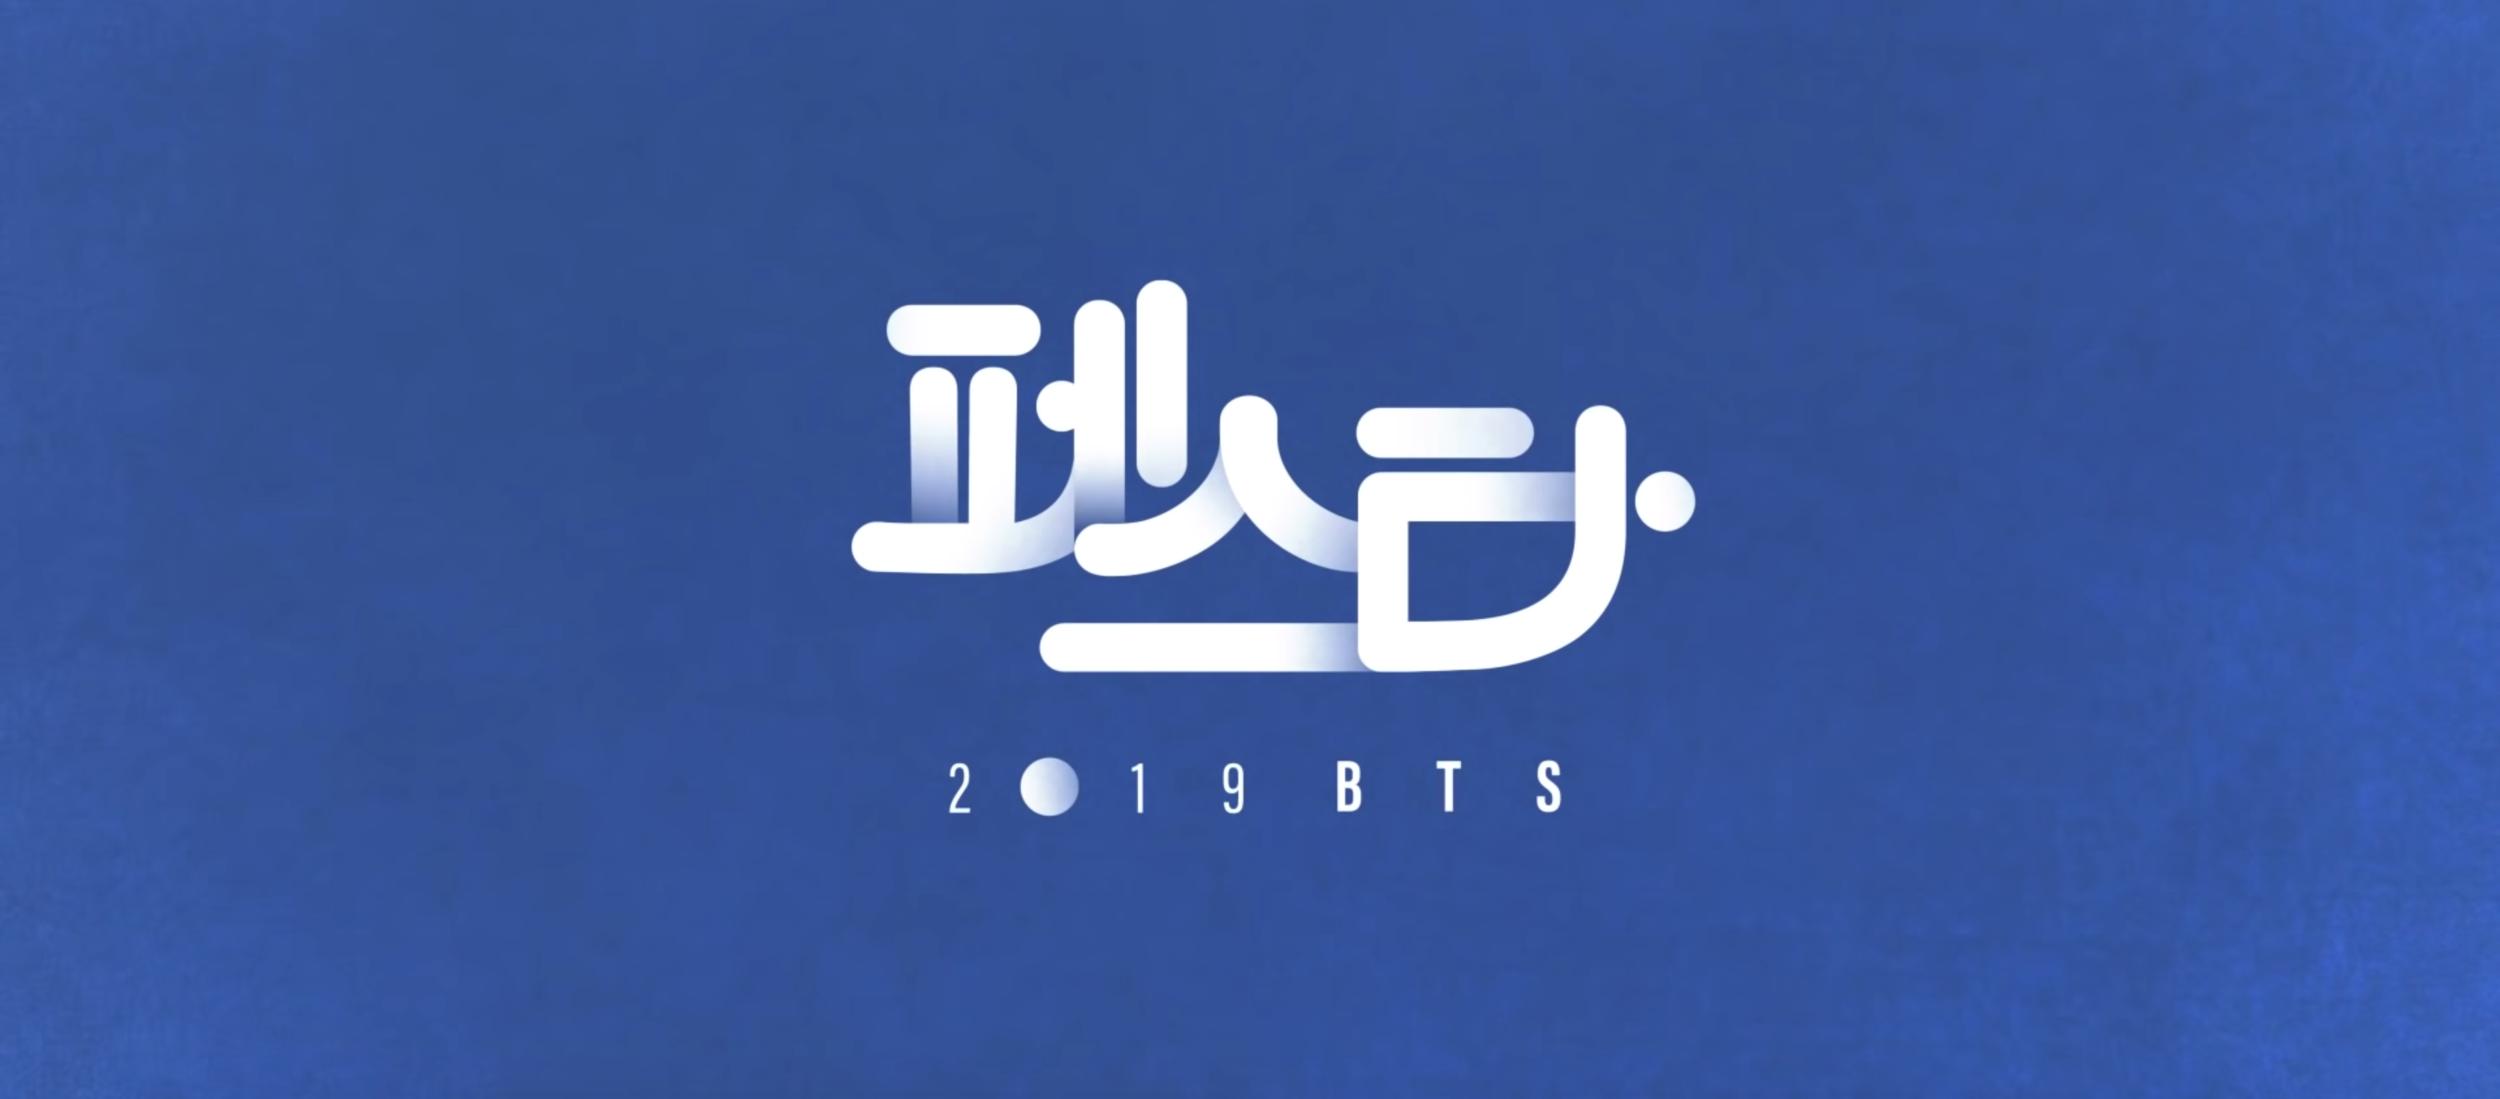 2019 Bts Festa Us Bts Army